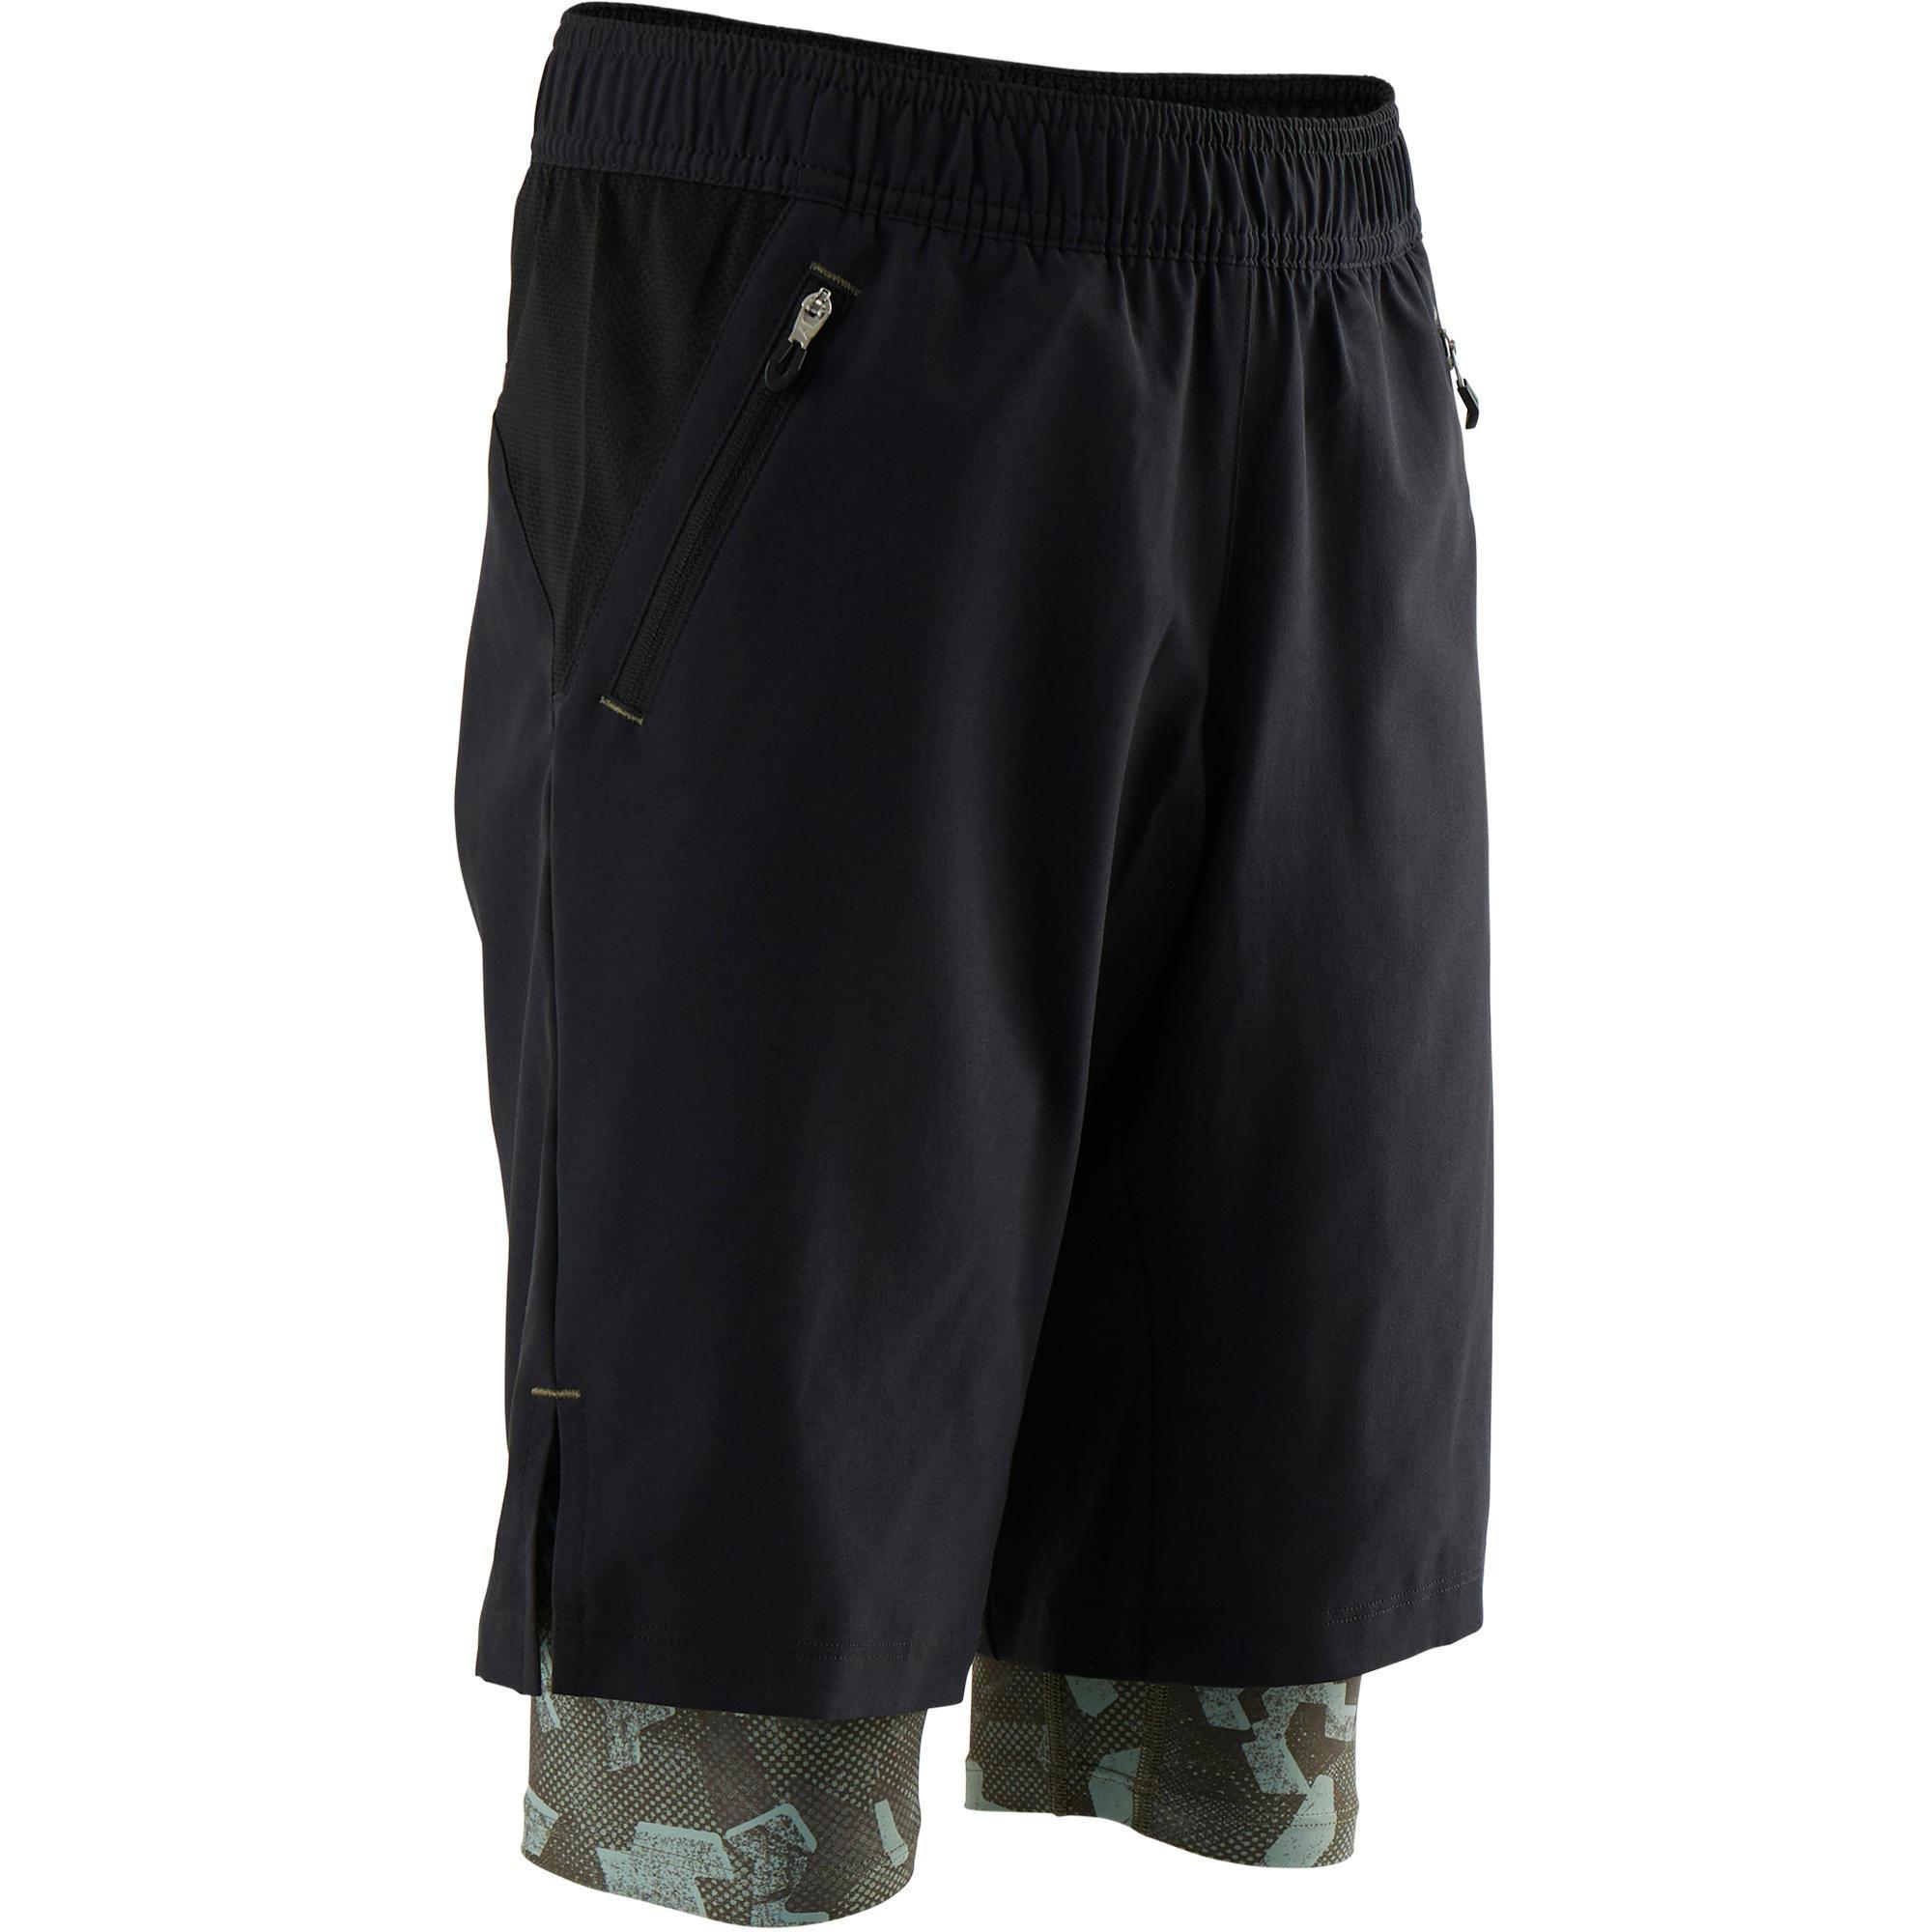 Sporthose kurz doppelt atmungsaktiv S900 Gym Kinder schwarz